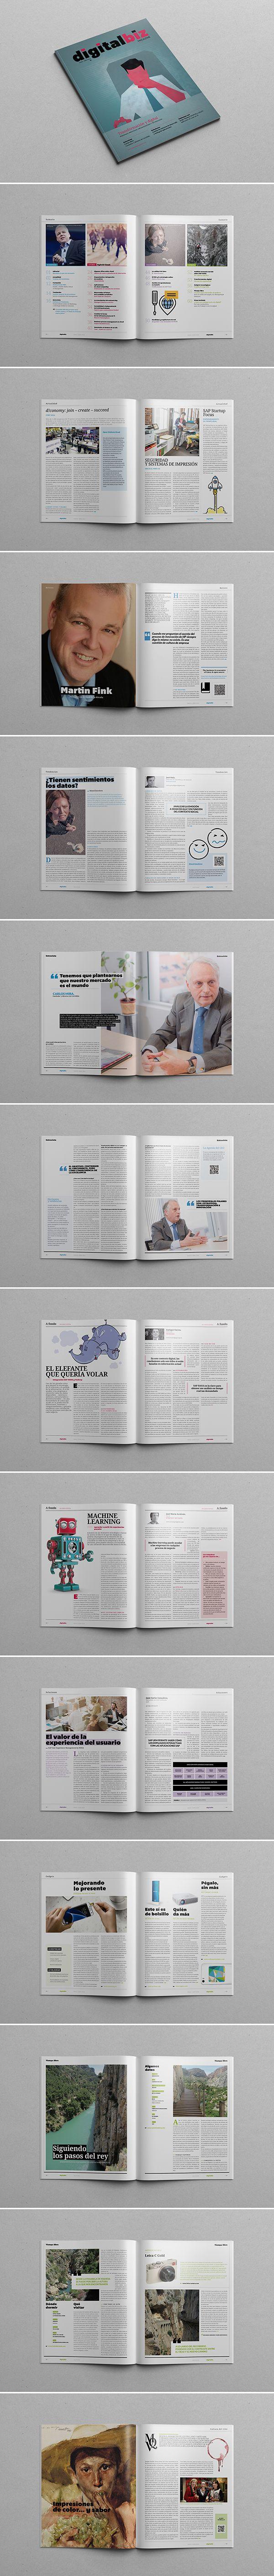 """Diseño editorial y dirección artística de la revista """"Digital Biz"""", centrada en el ámbito de la empresa y, más concretamente, en aquello que afecta a los procesos de negocio y las soluciones tecnológicas."""